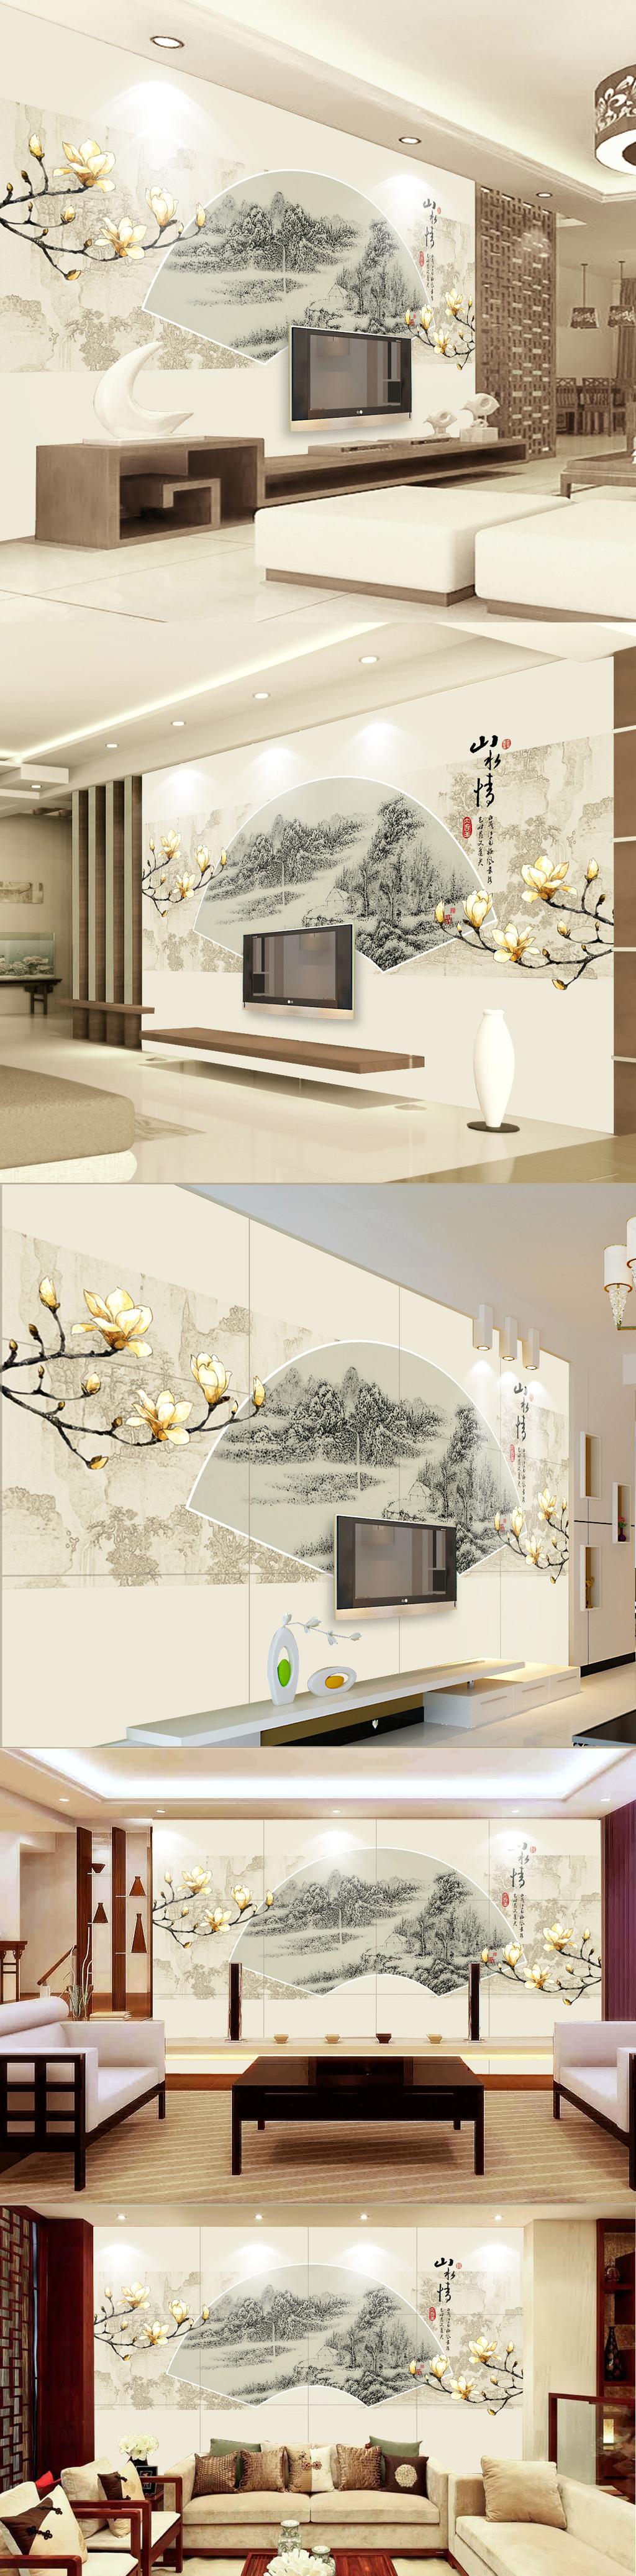 扇形山水画客厅背景墙电视墙